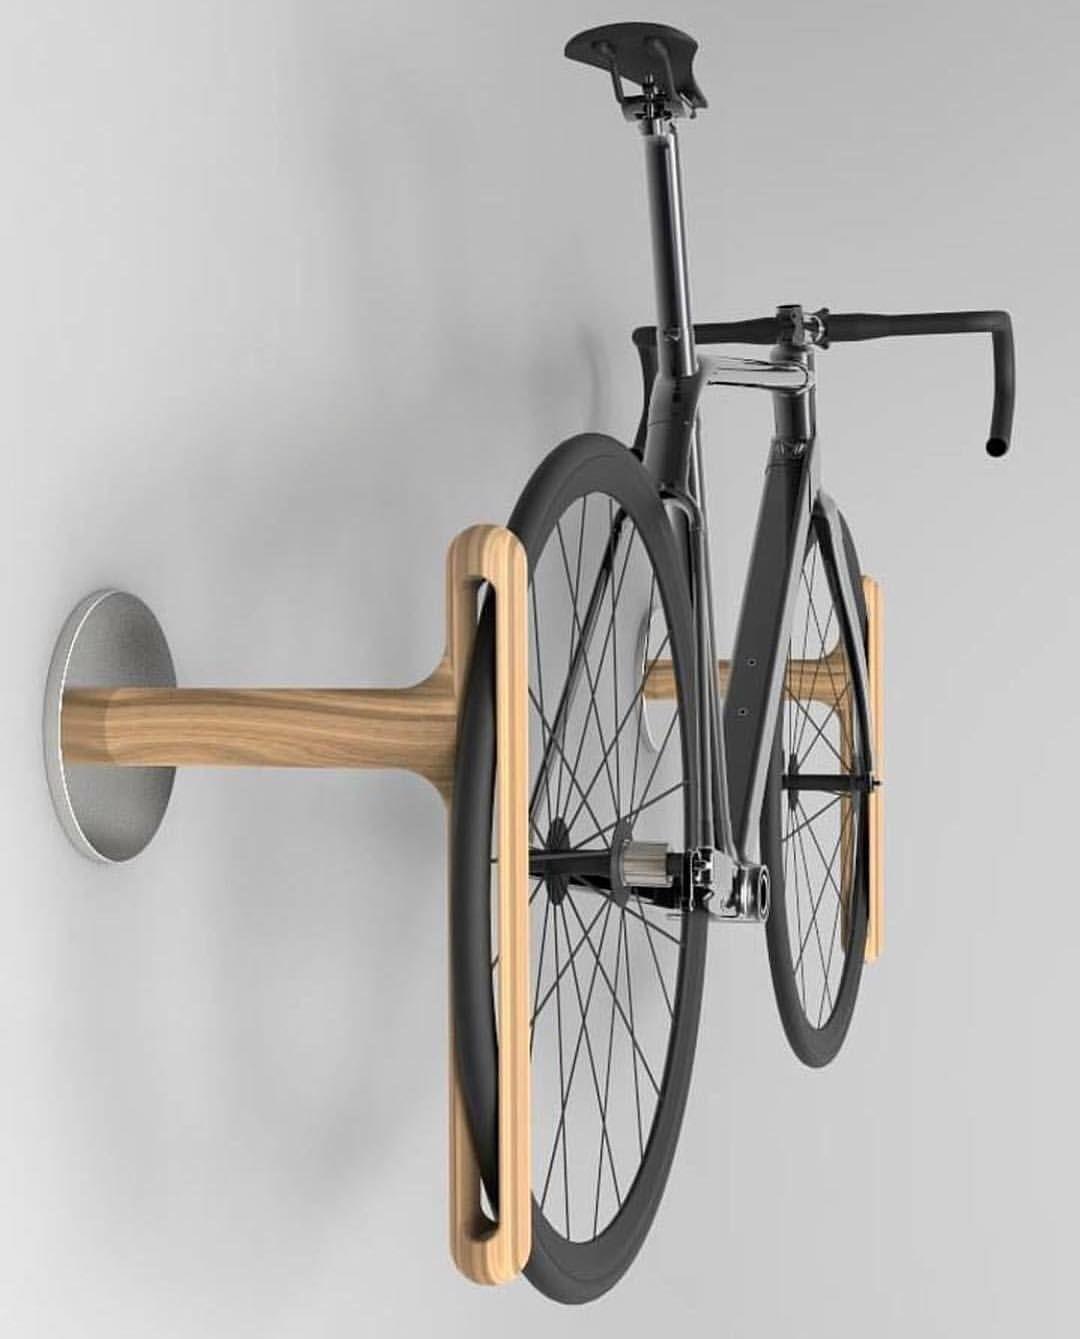 Raleigh Bike Rack Wall Mounted Bicycle Hanger Holder Garage Storage